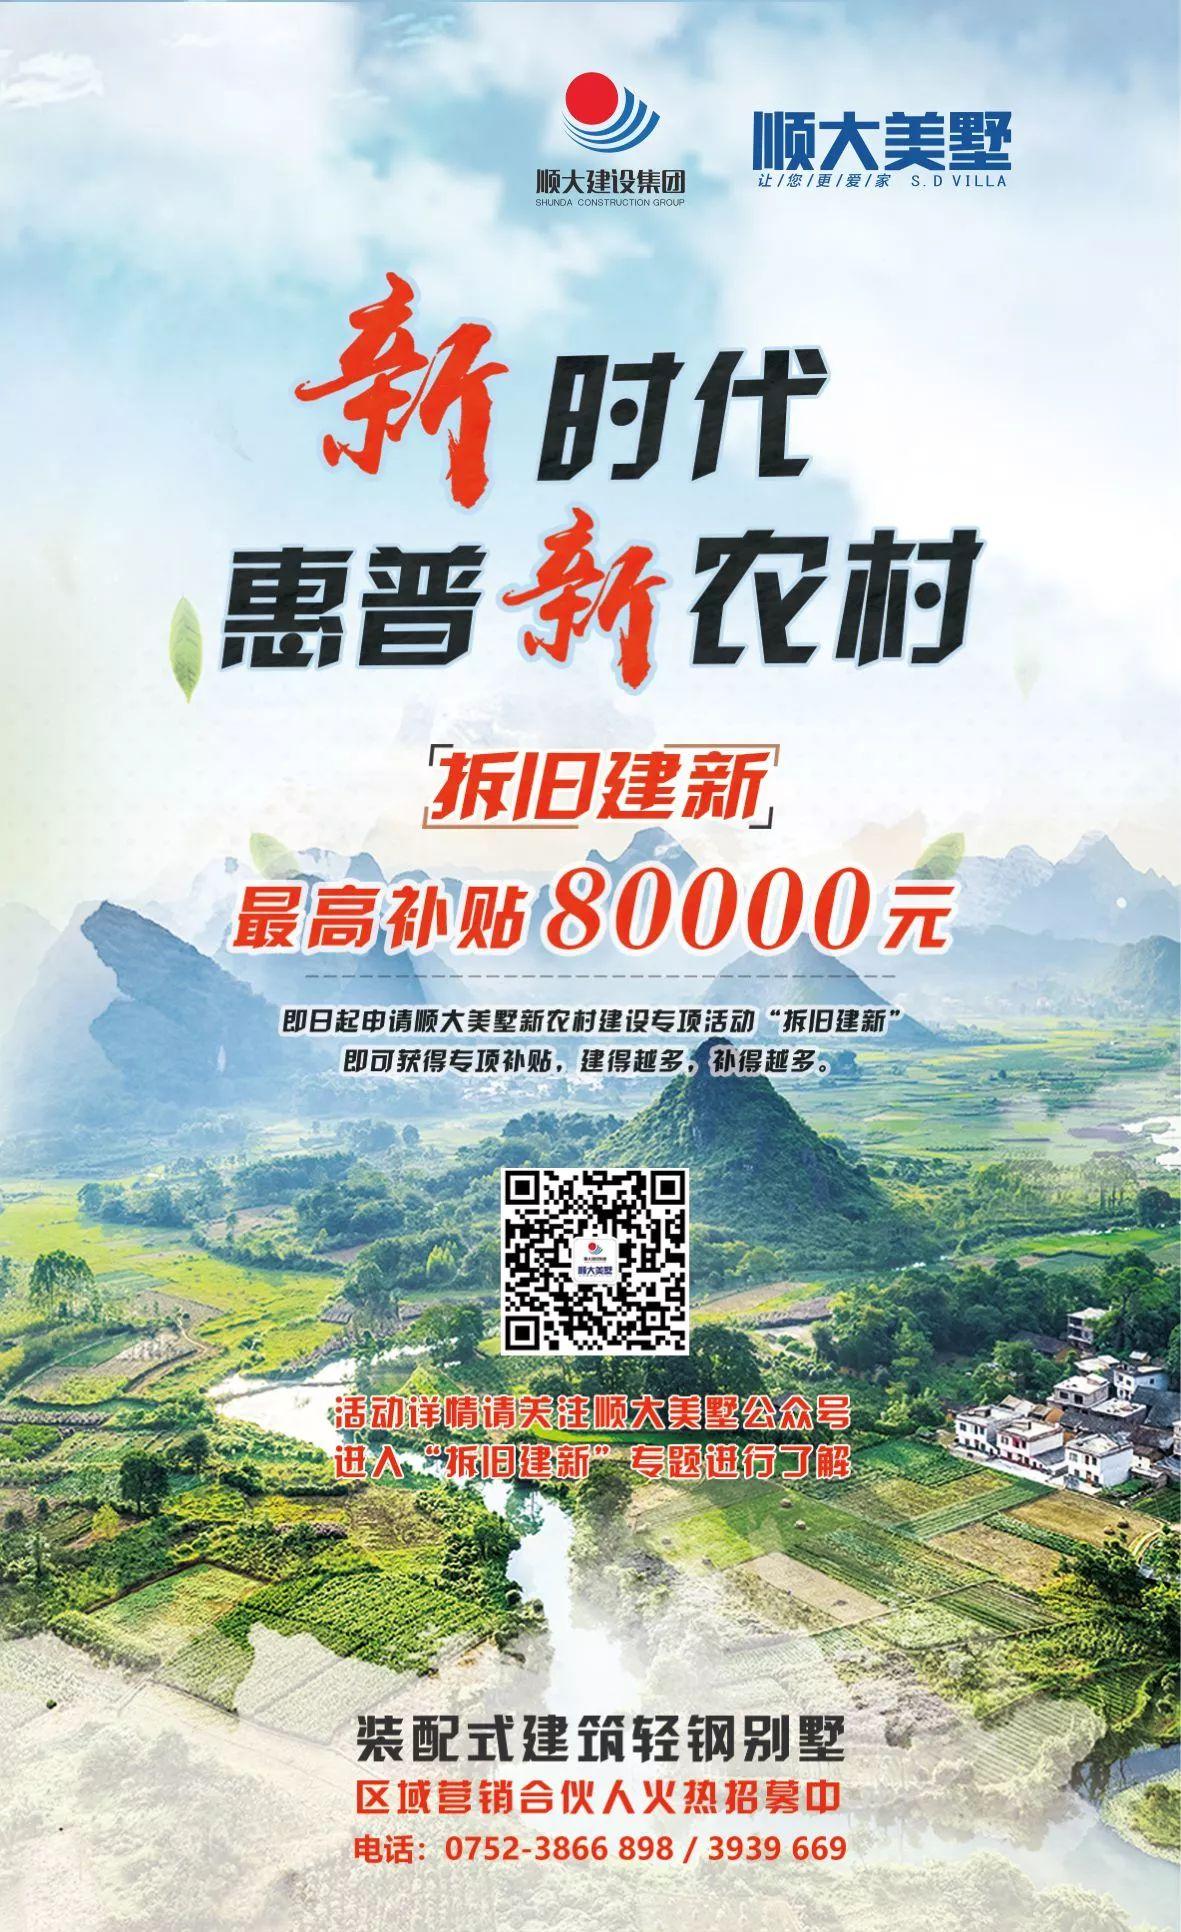 新時代,惠普新農村,最高補貼80000元